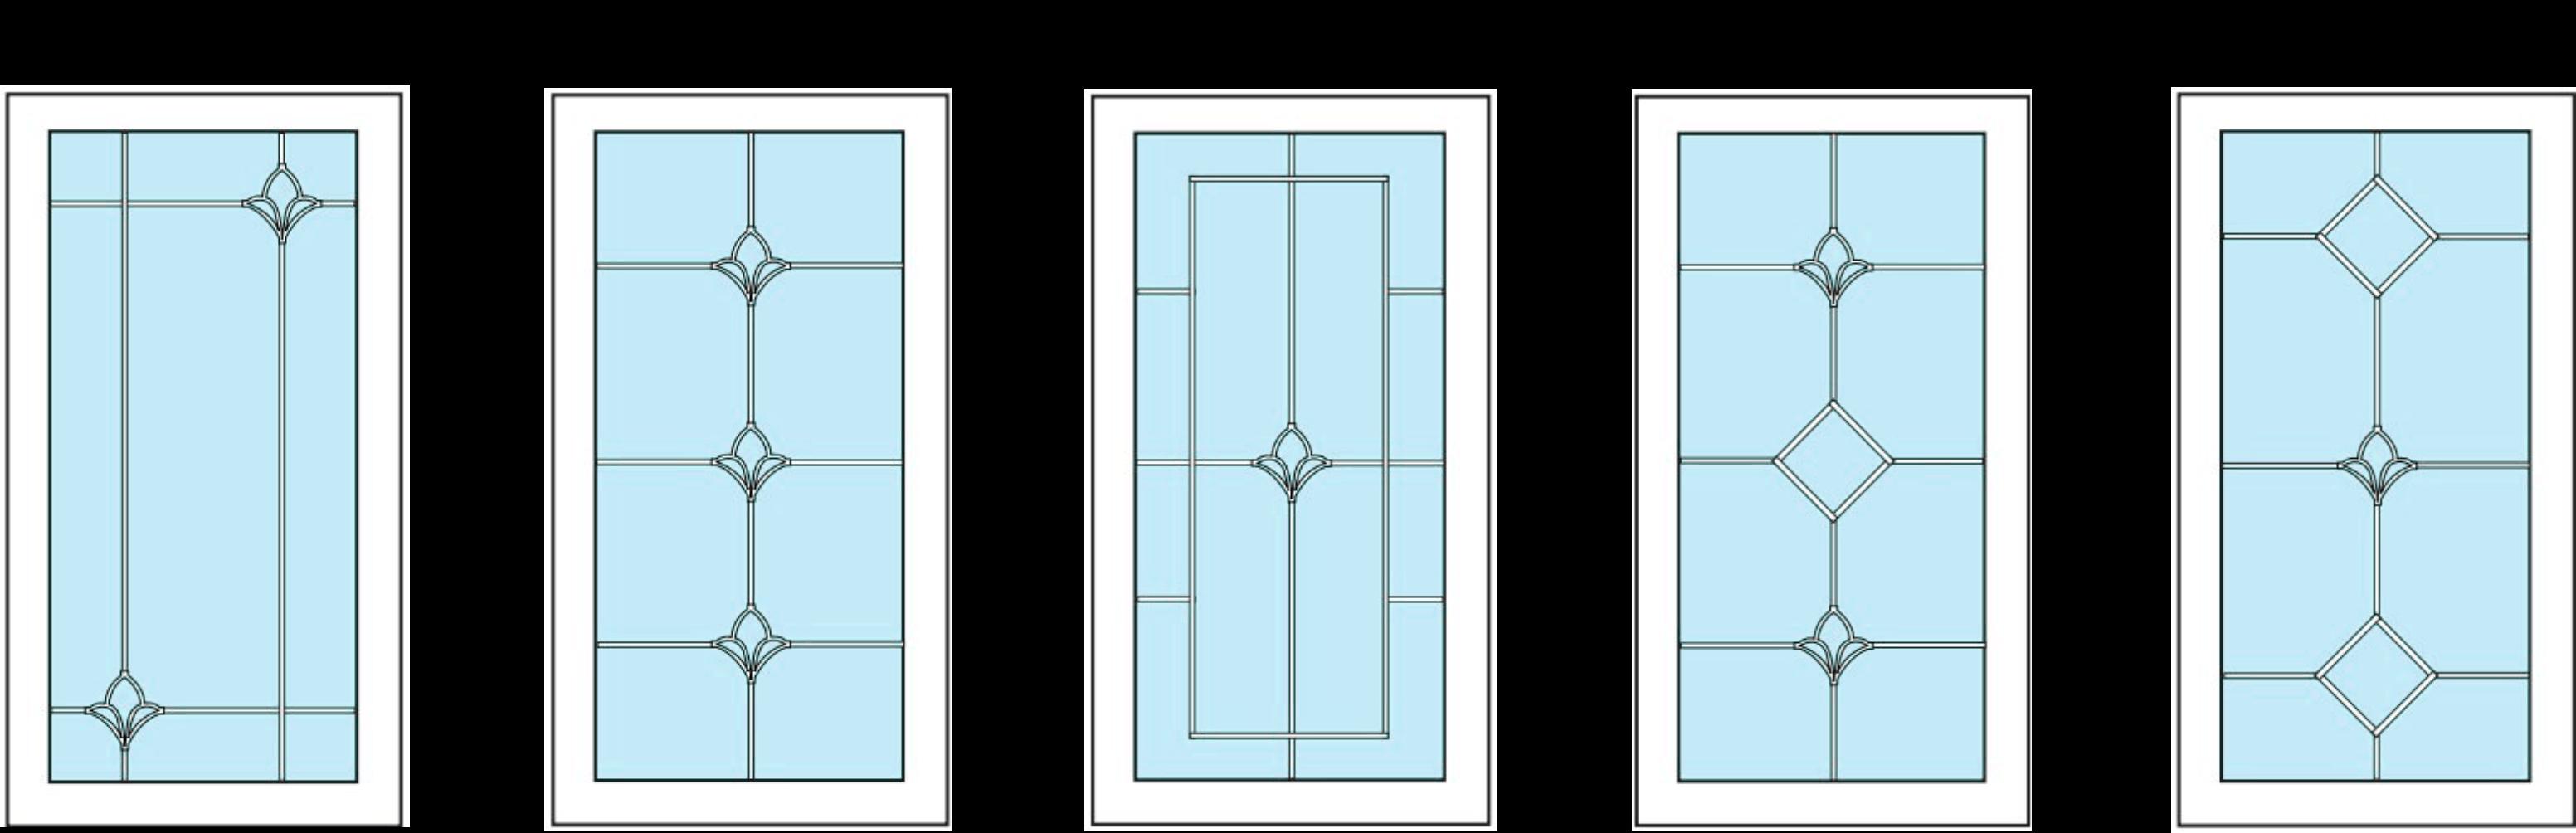 Варианты оформления стеклопакетов Л006-Л008